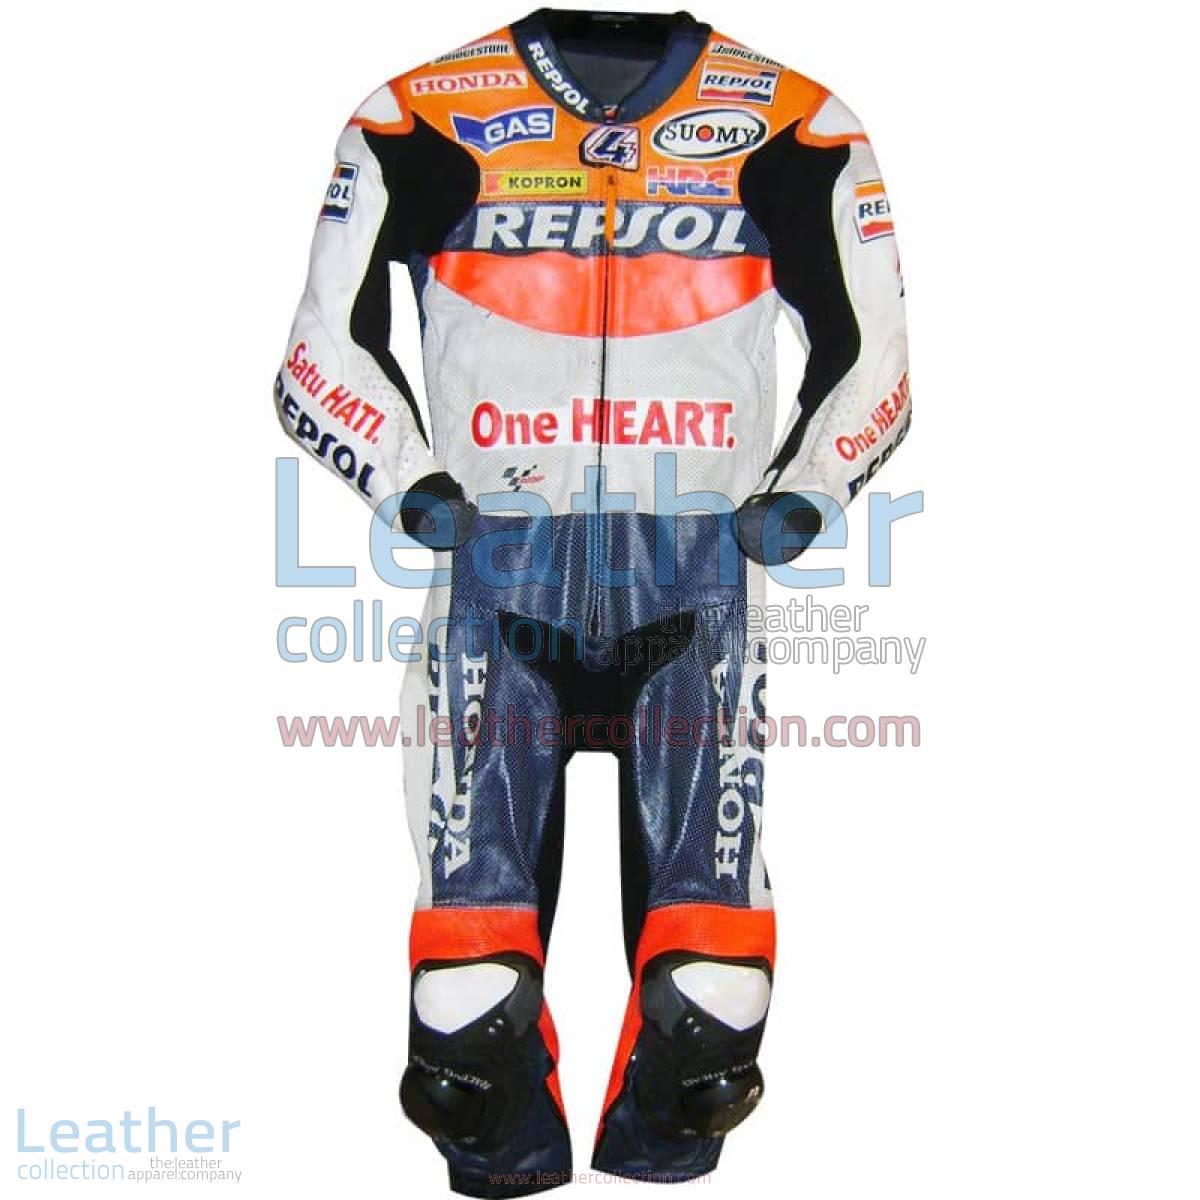 Andrea Dovizioso Repsol Honda 2010 MotoGP Leathers | repsol honda